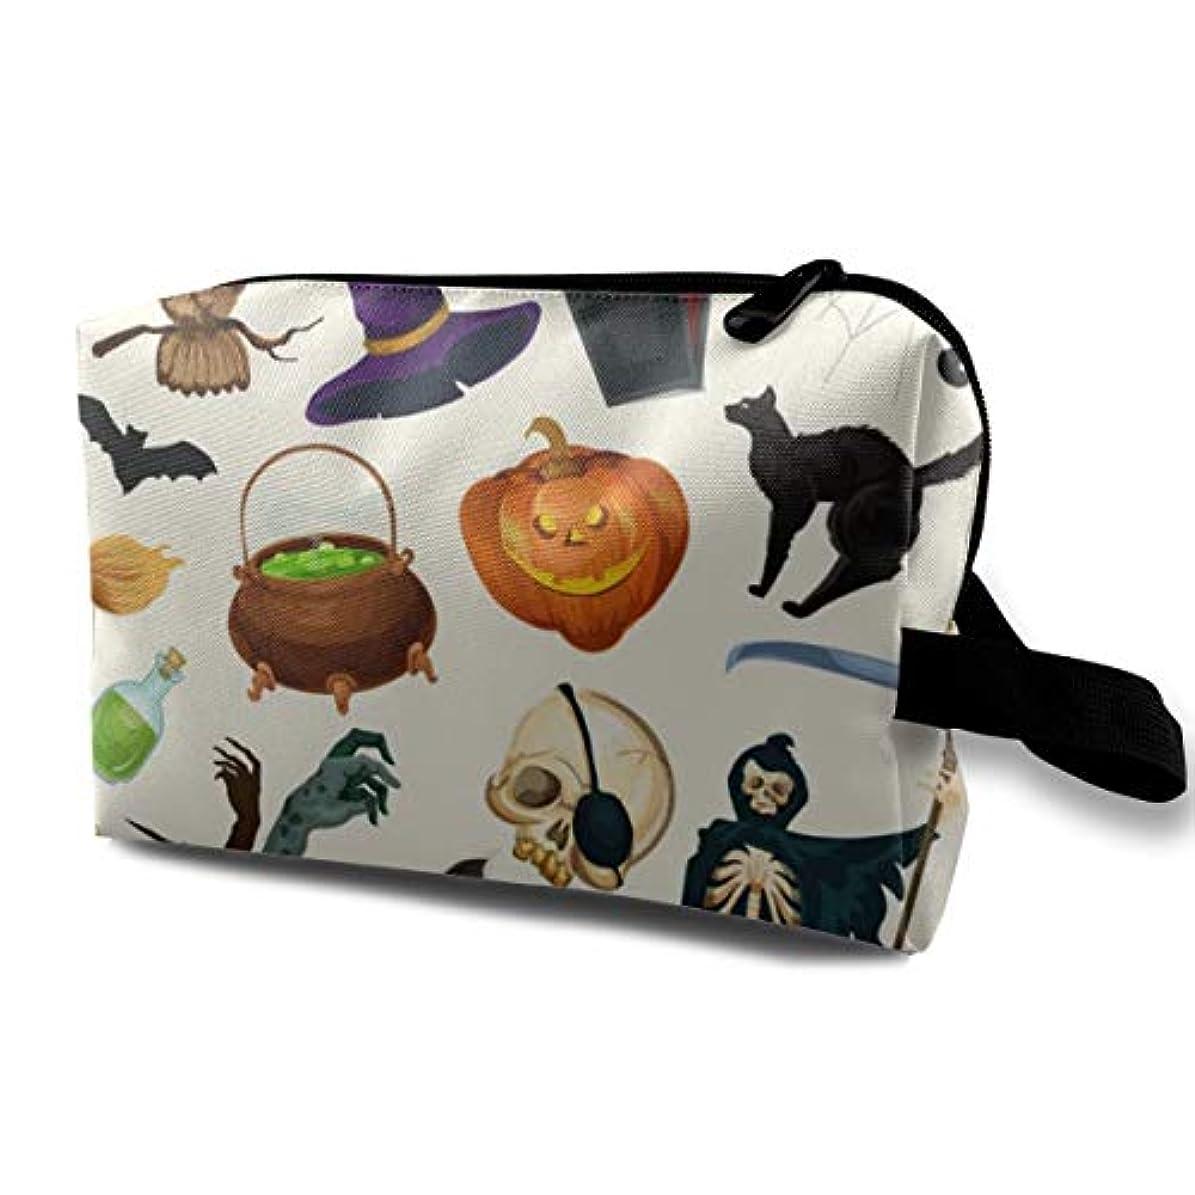 誰でも治療法令Halloween Pumpkin 収納ポーチ 化粧ポーチ 大容量 軽量 耐久性 ハンドル付持ち運び便利。入れ 自宅?出張?旅行?アウトドア撮影などに対応。メンズ レディース トラベルグッズ